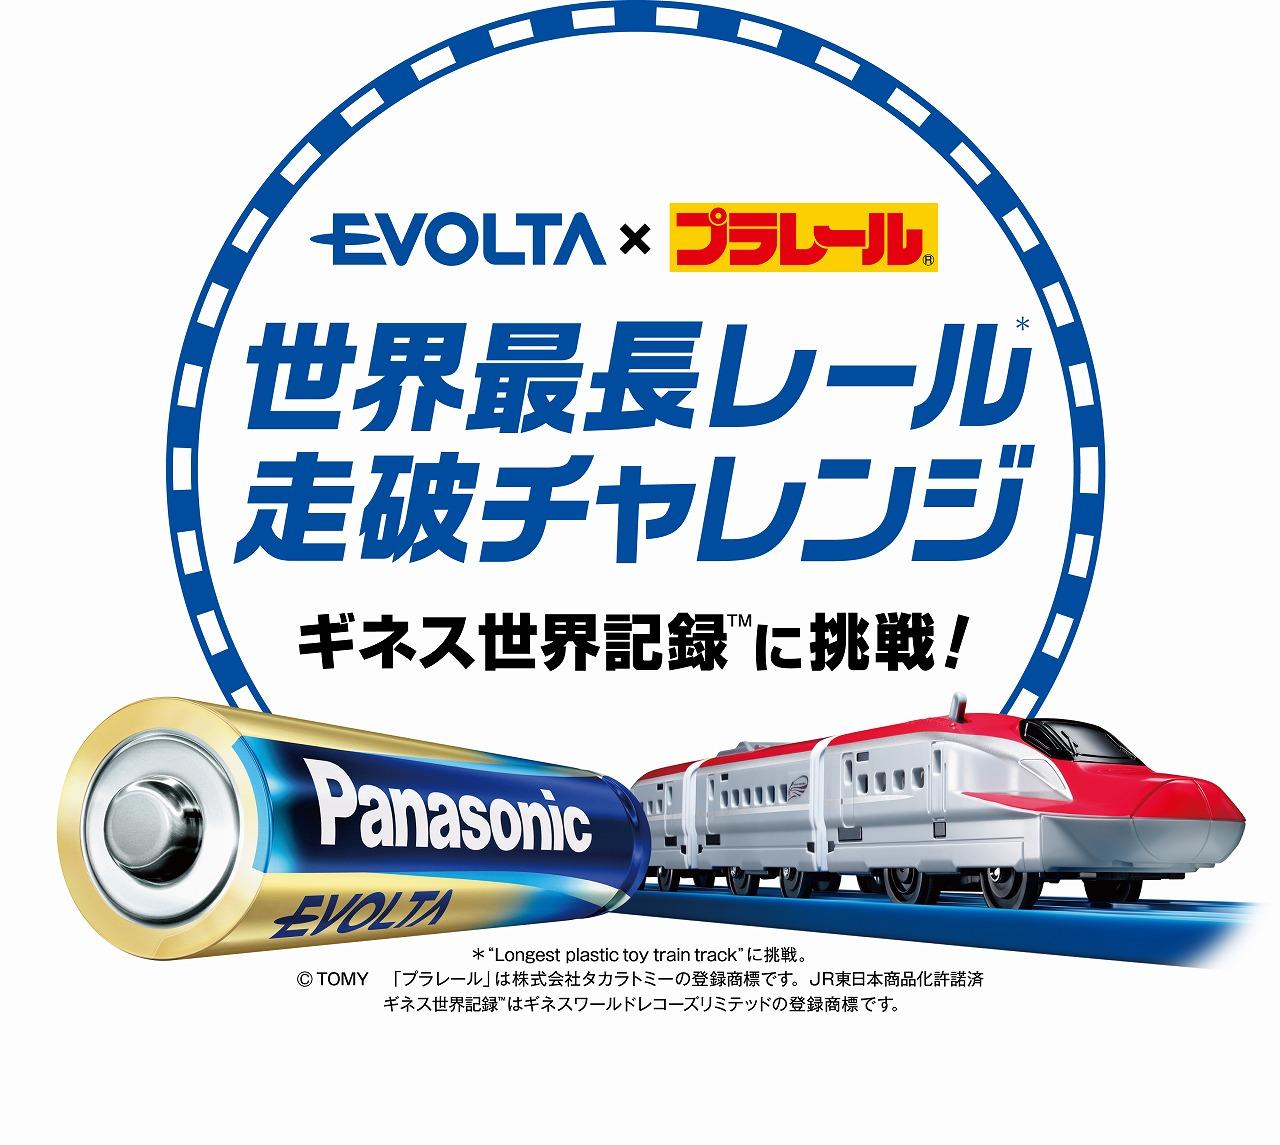 「EVOLTA×プラレール 世界最長レール走破チャレンジ」に先立ち